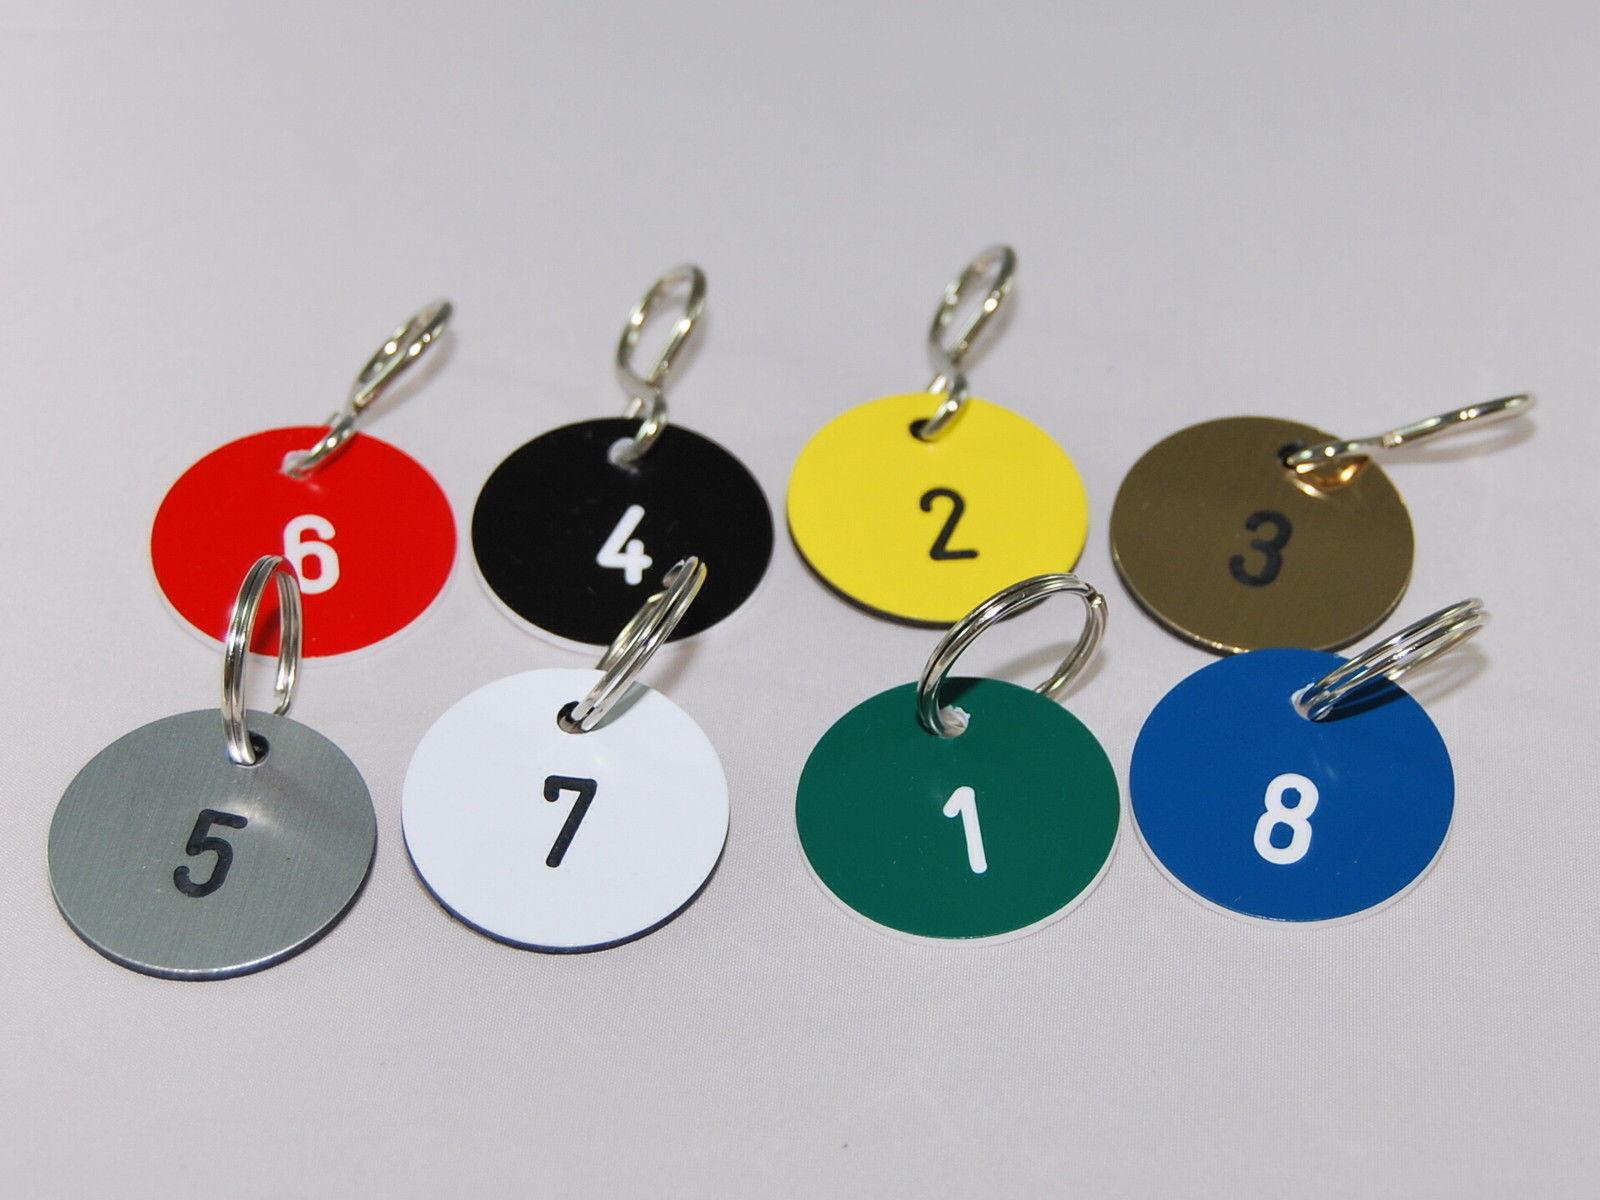 Schlüsselanhänger,Zahlenmarken rund , Ring,S-Haken oder Selbstklebend 10Stück